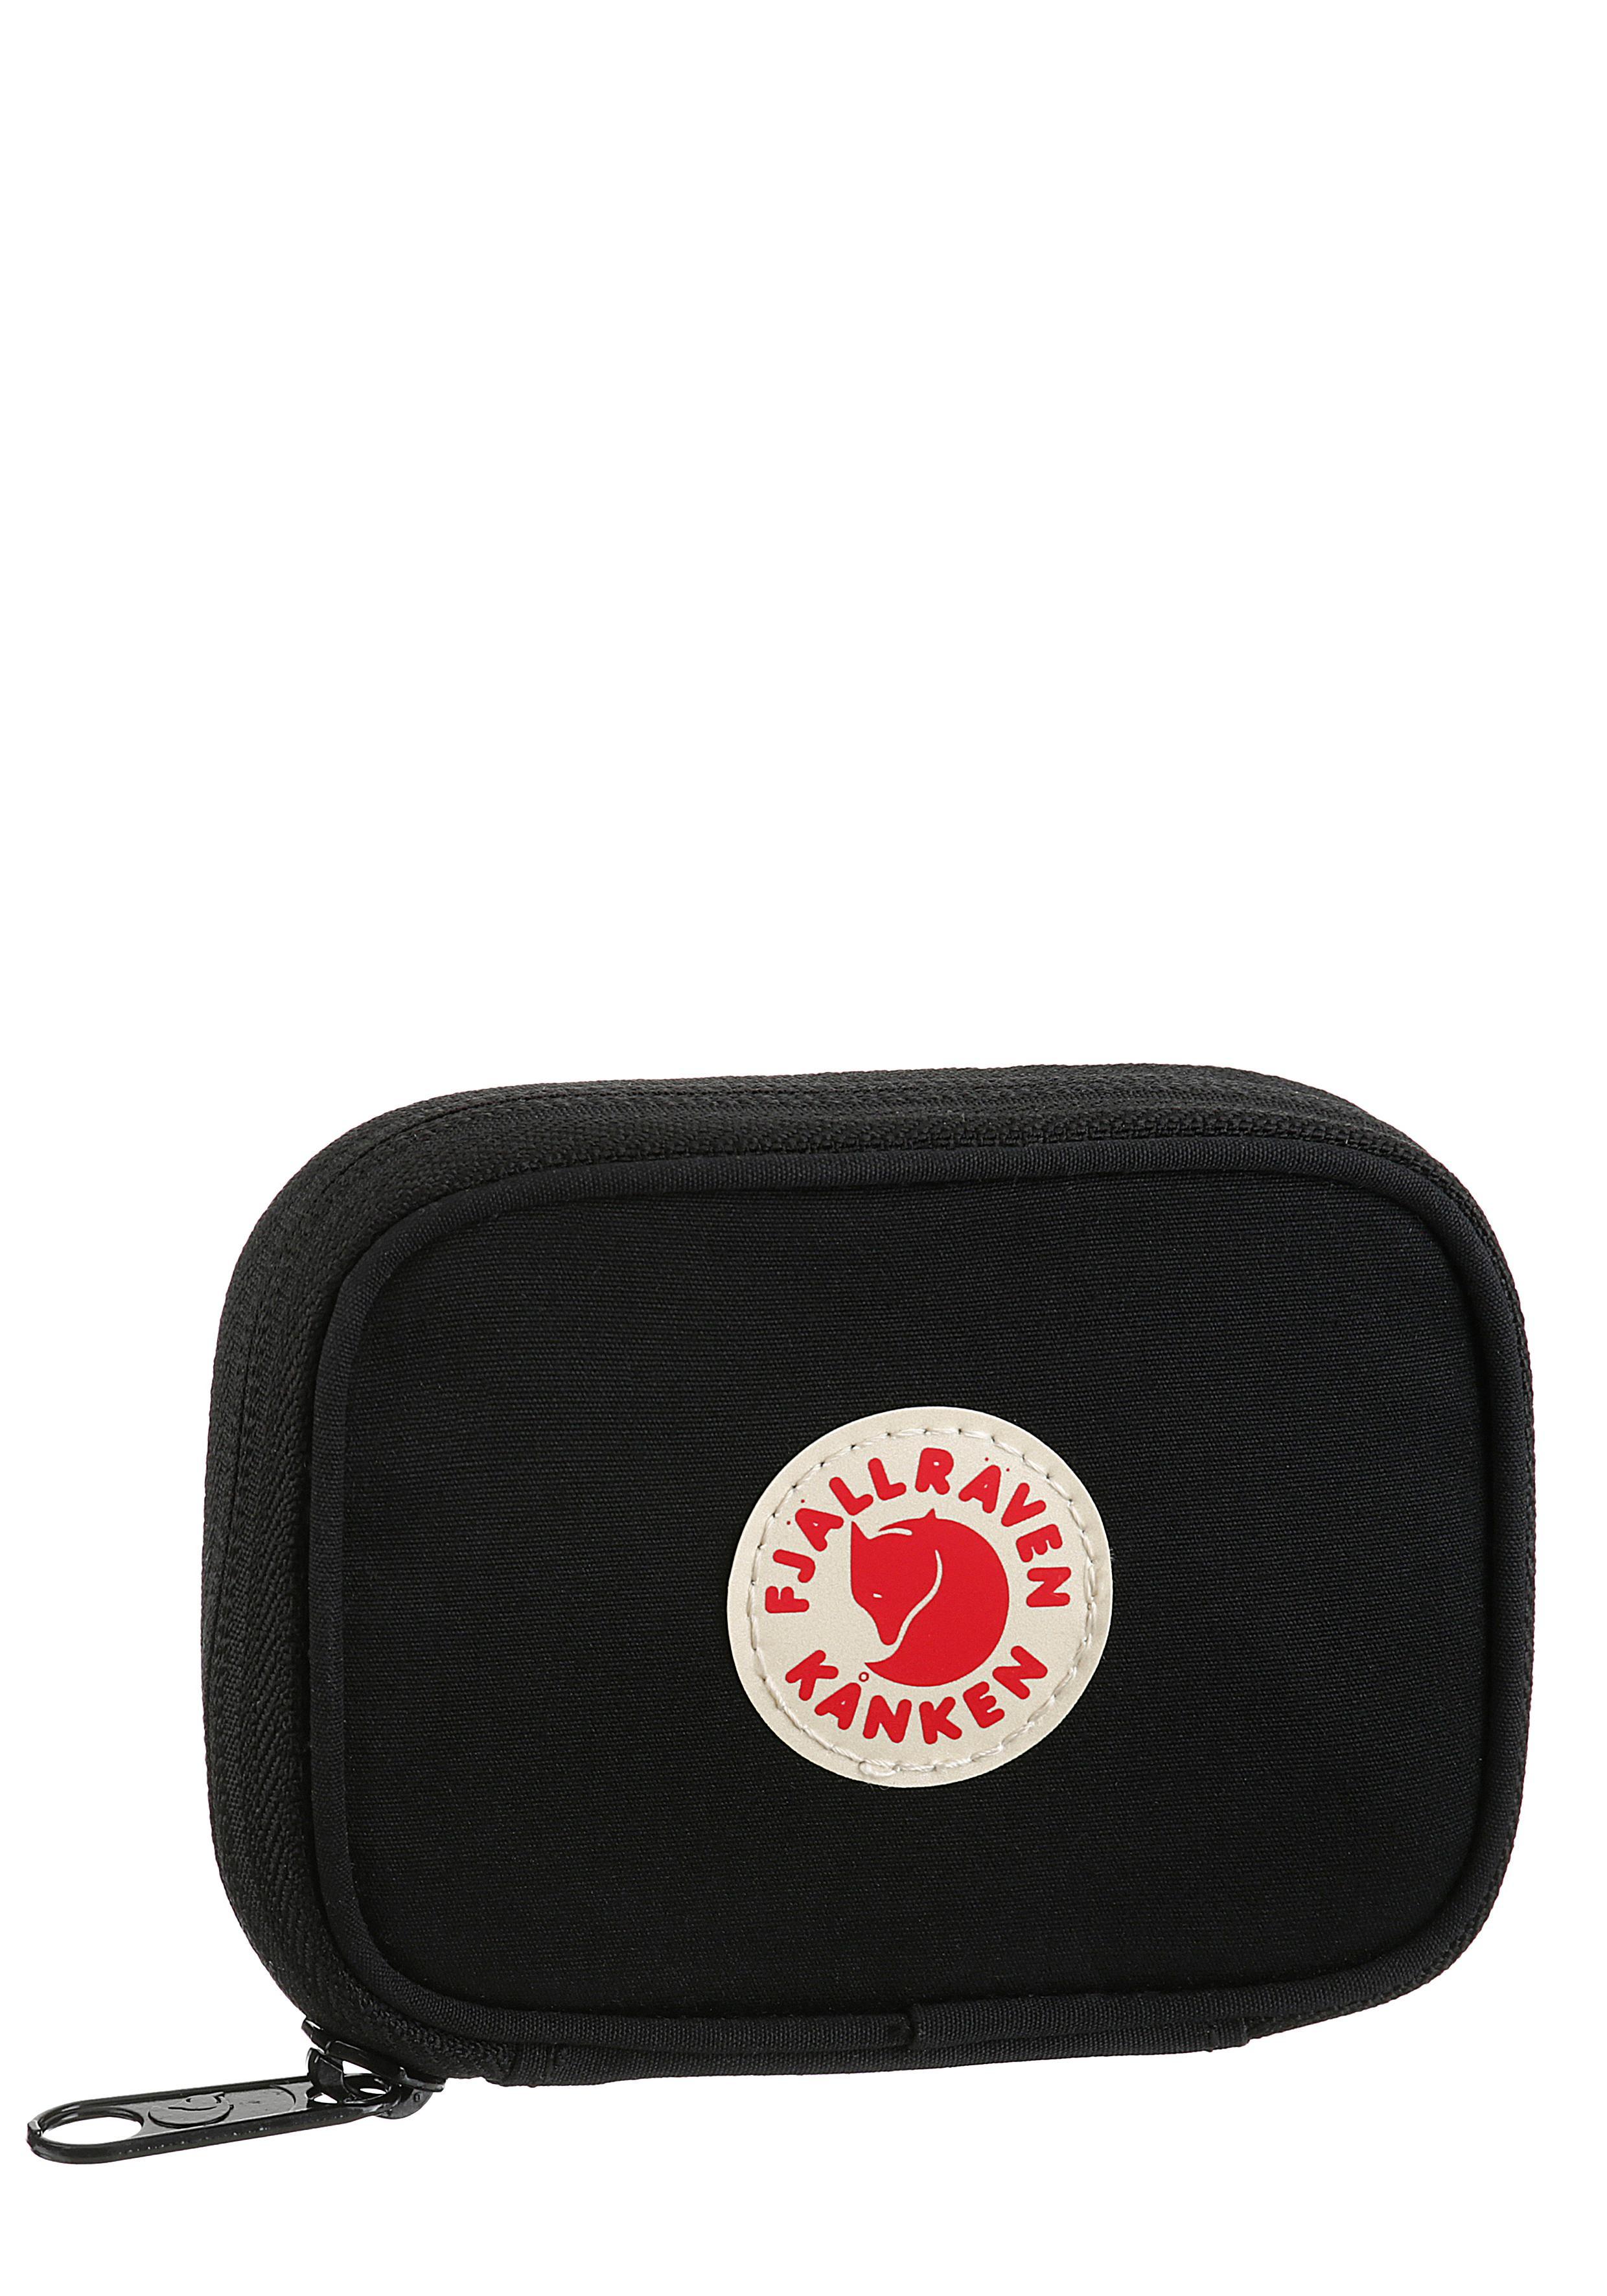 Fjällräven Geldbörse, »Kanken Card Wallet« | Taschen > Rucksäcke > Sonstige Rucksäcke | Schwarz | FJÄLLRÄVEN